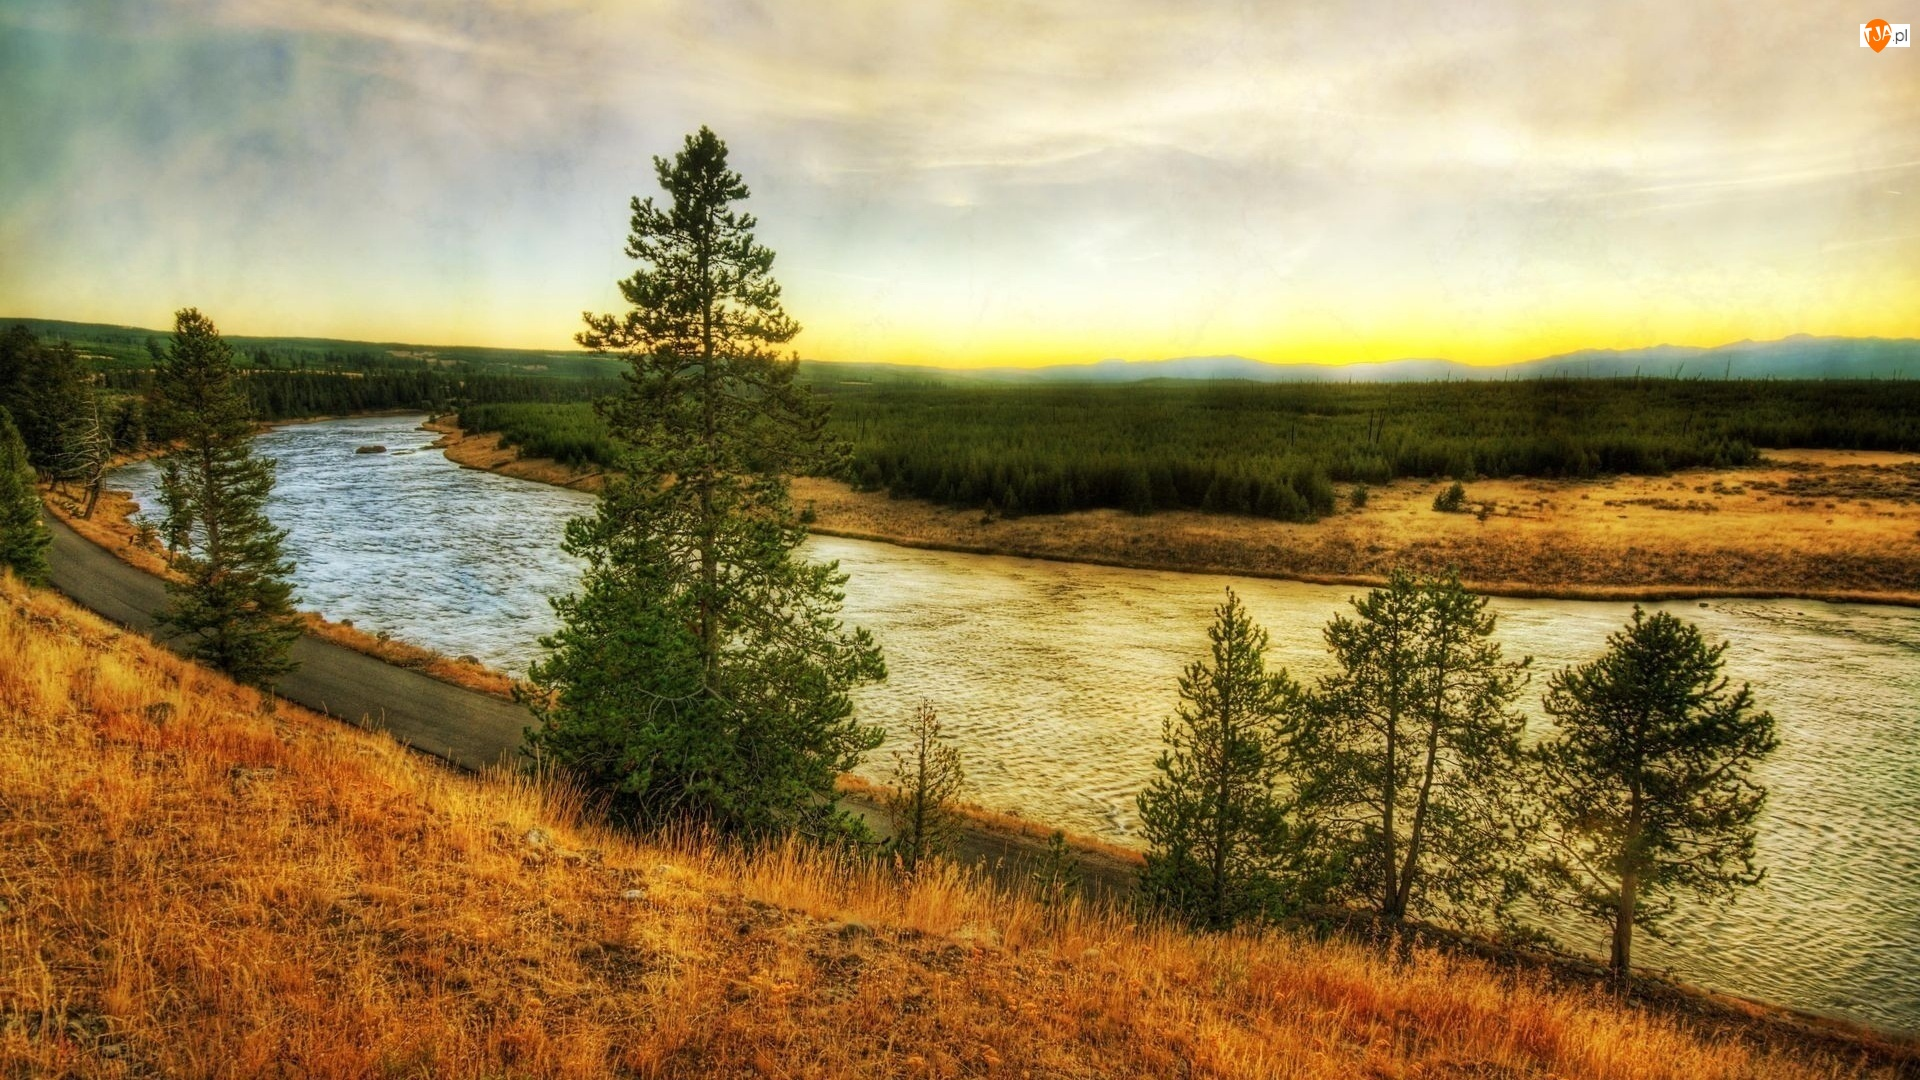 Rzeka, Drzewa, Nurt, Brzegi